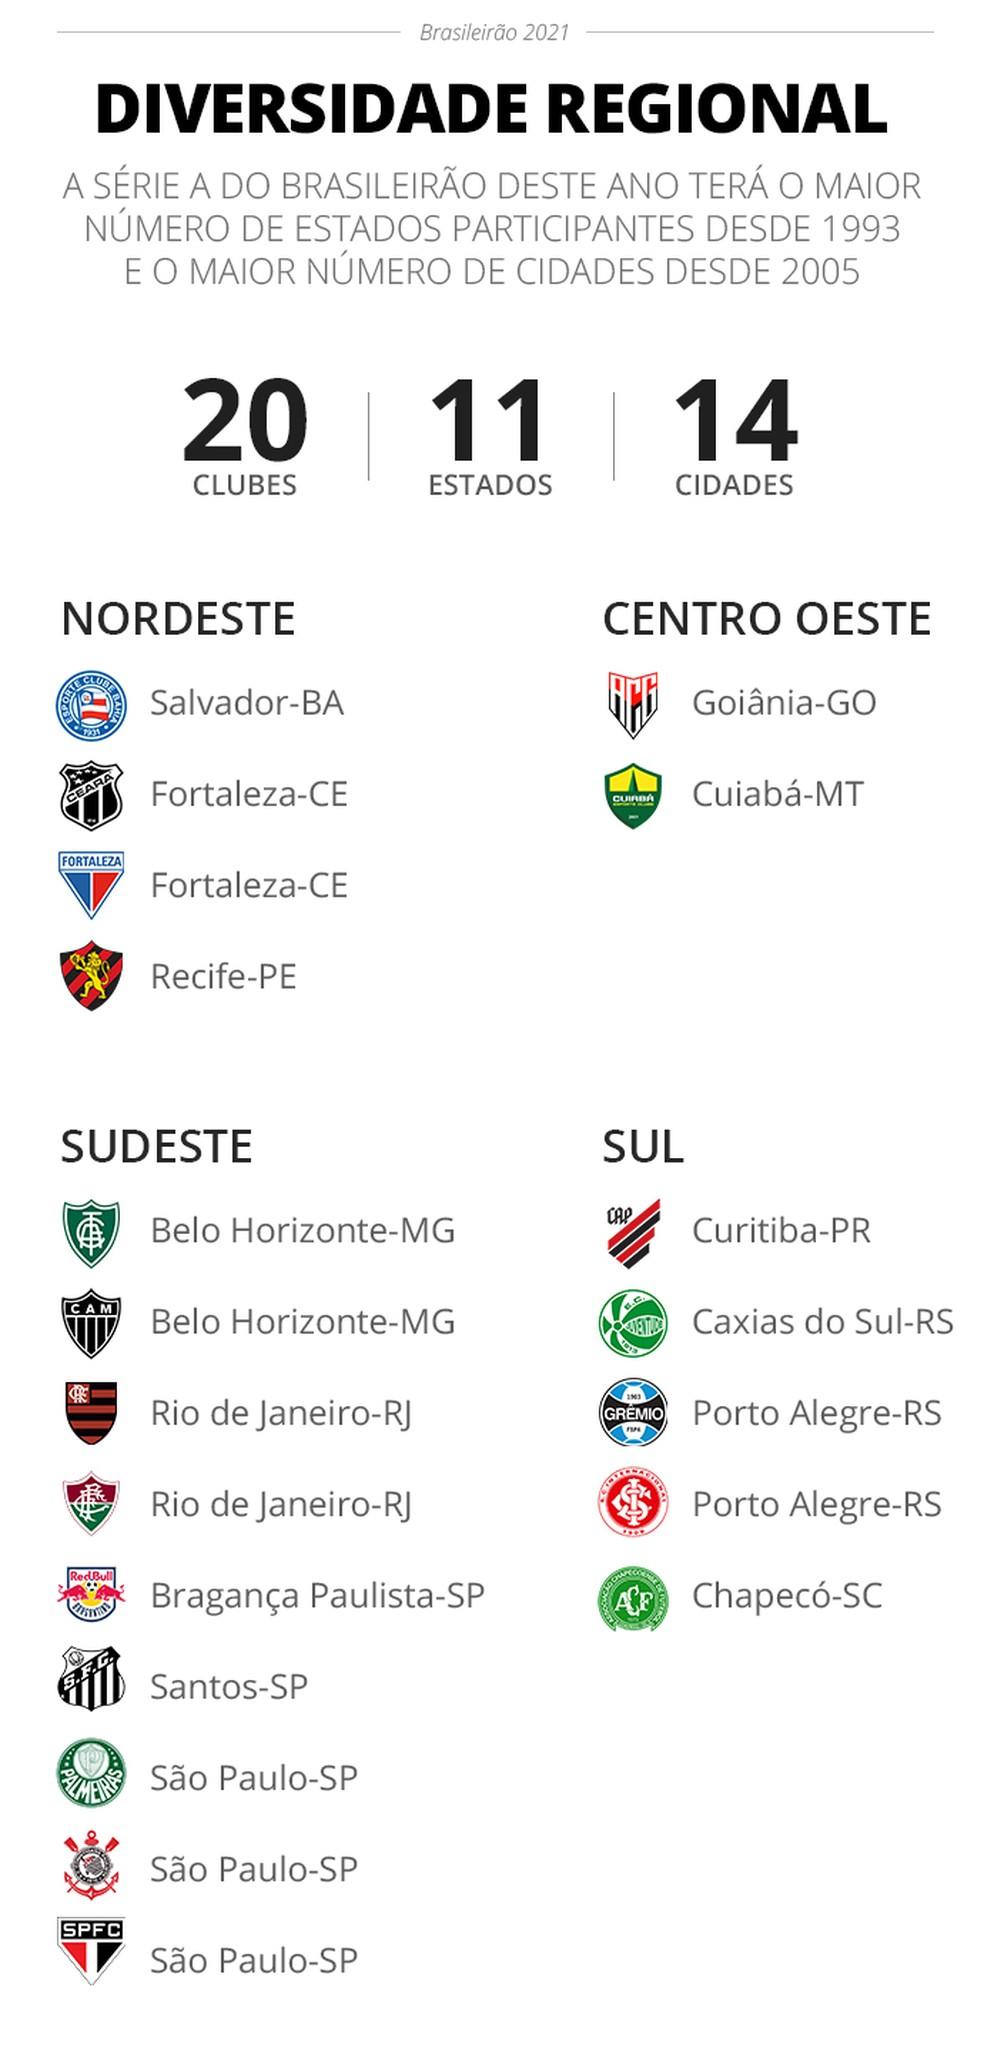 Série A do Brasileirão 2021 tem 11 estados participantes — Foto: Infoesporte/ge.globo